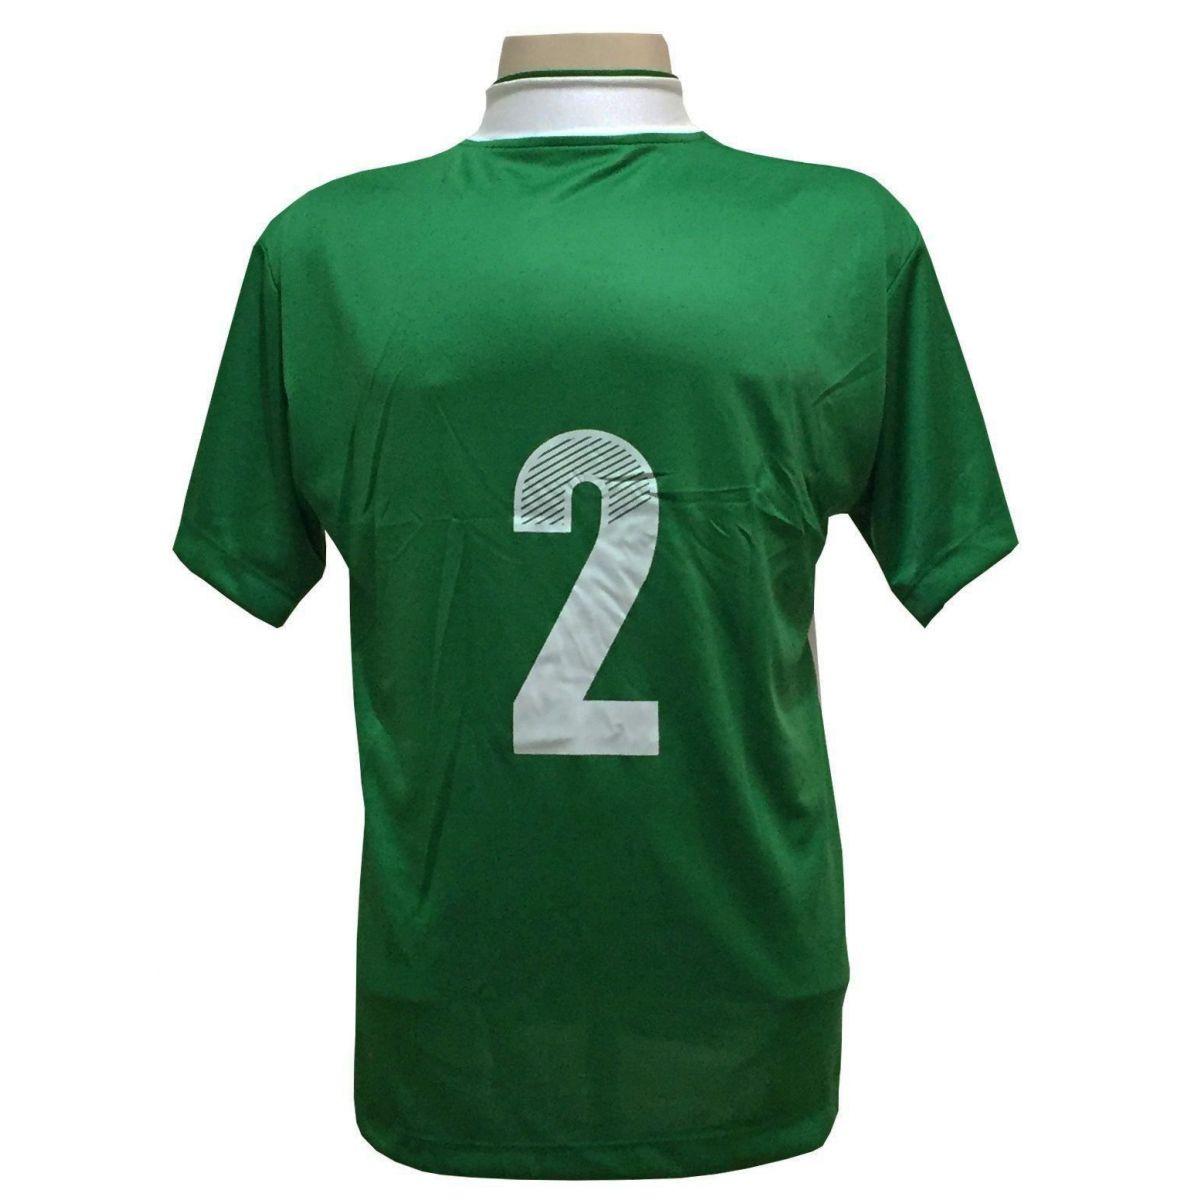 Uniforme Esportivo com 14 camisas modelo Suécia Verde/Branco + 14 calções modelo Madrid Branco + 14 pares de meiões Branco